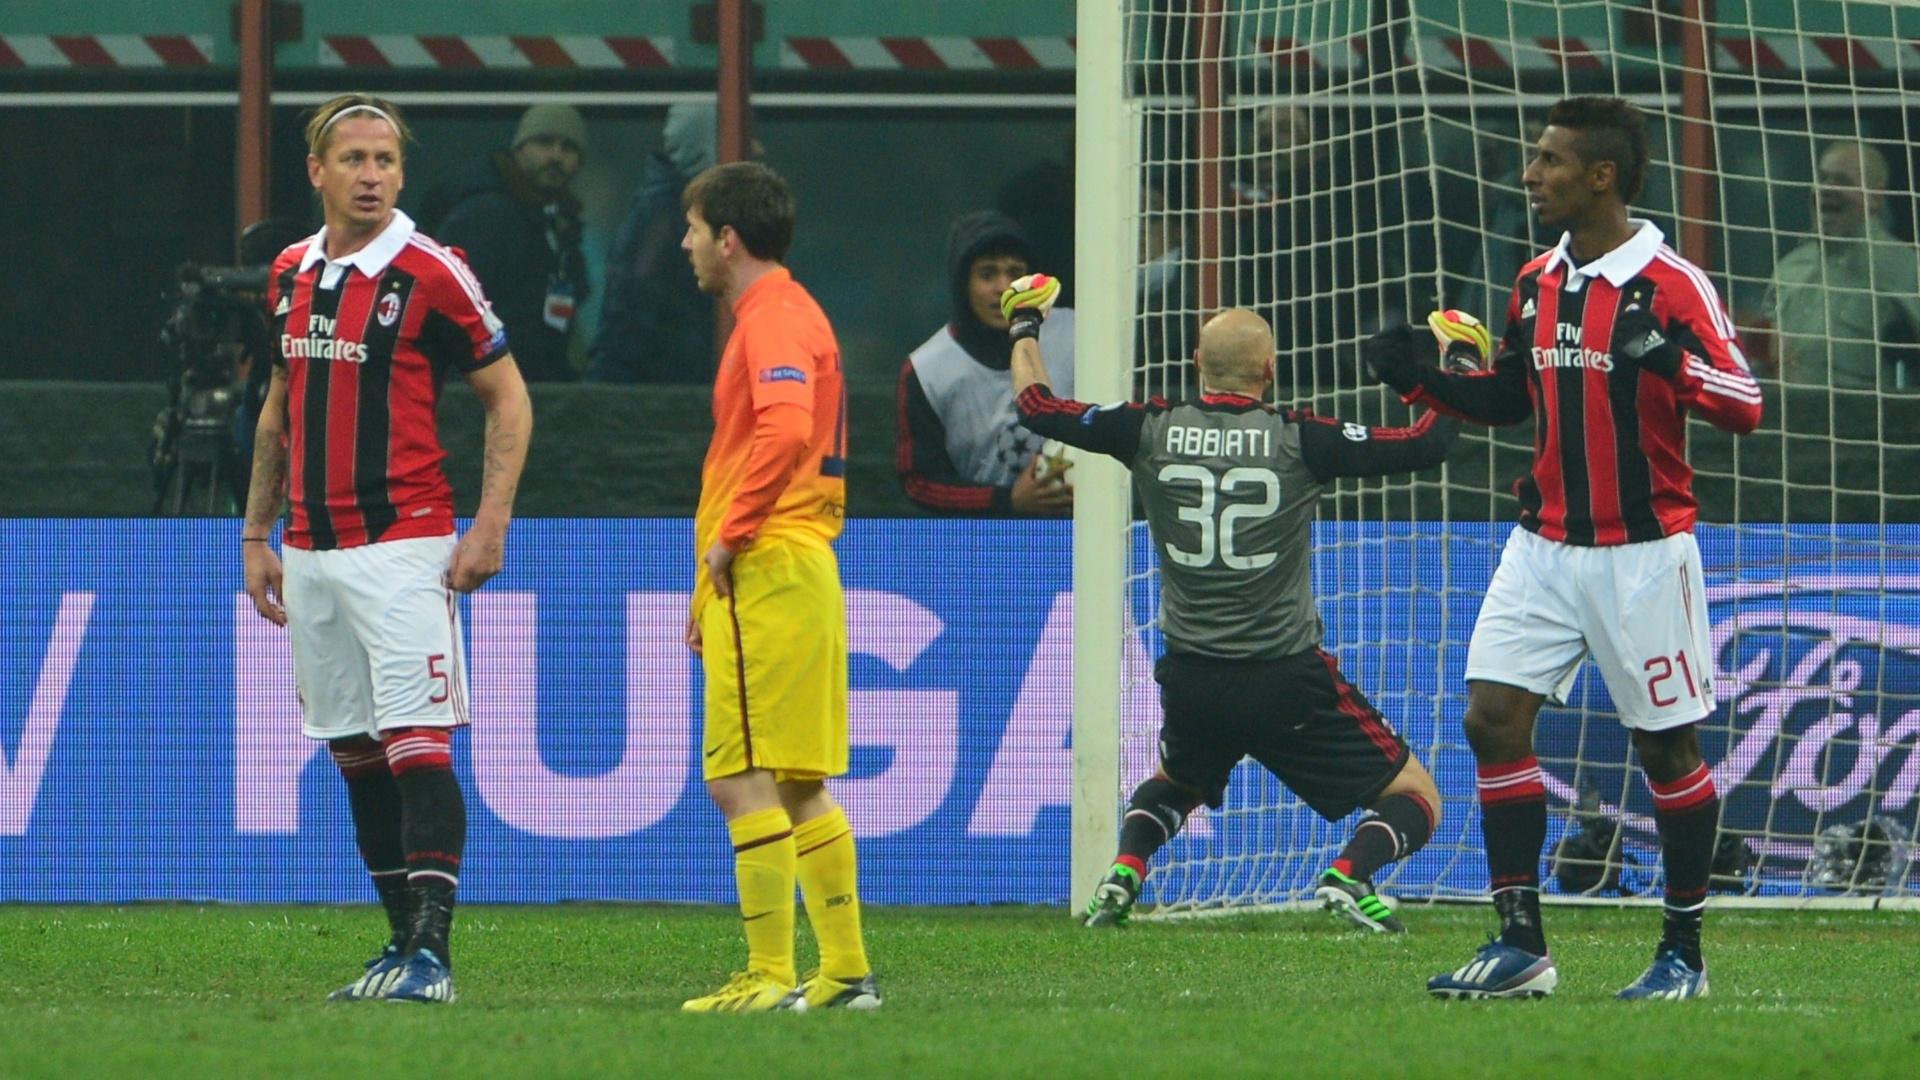 20.fev.2013 - Jogadores do Milan vibram com vitória, enquanto Messi, no centro, lamenta derrota do Barcelona